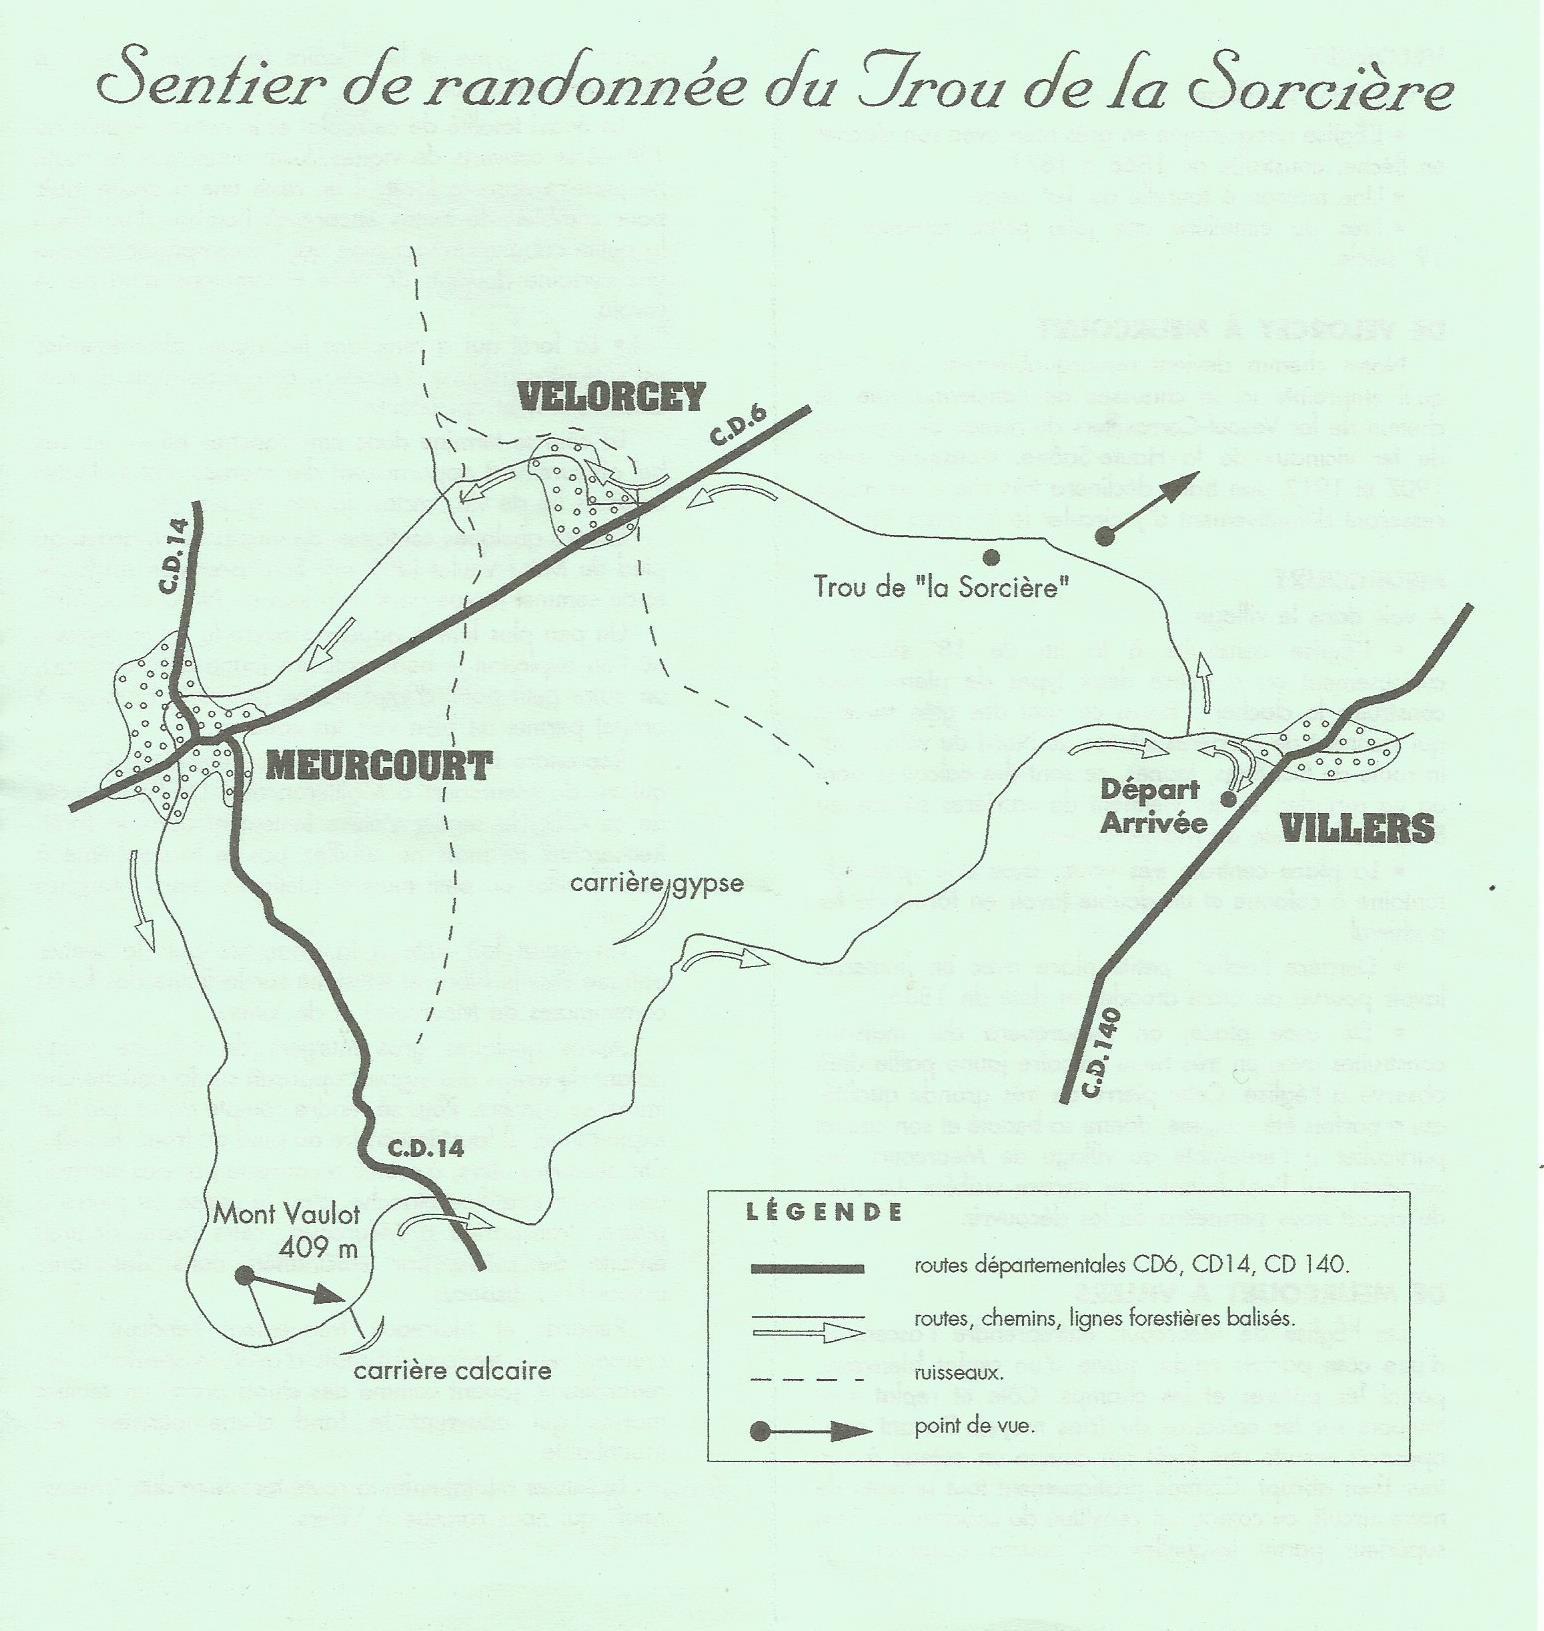 https://www.villers-les-luxeuil.com/projets/villers/files/images/0_Base_LVC/Randonnees/Randonnee_Trou_Sorciere_Plan.jpg